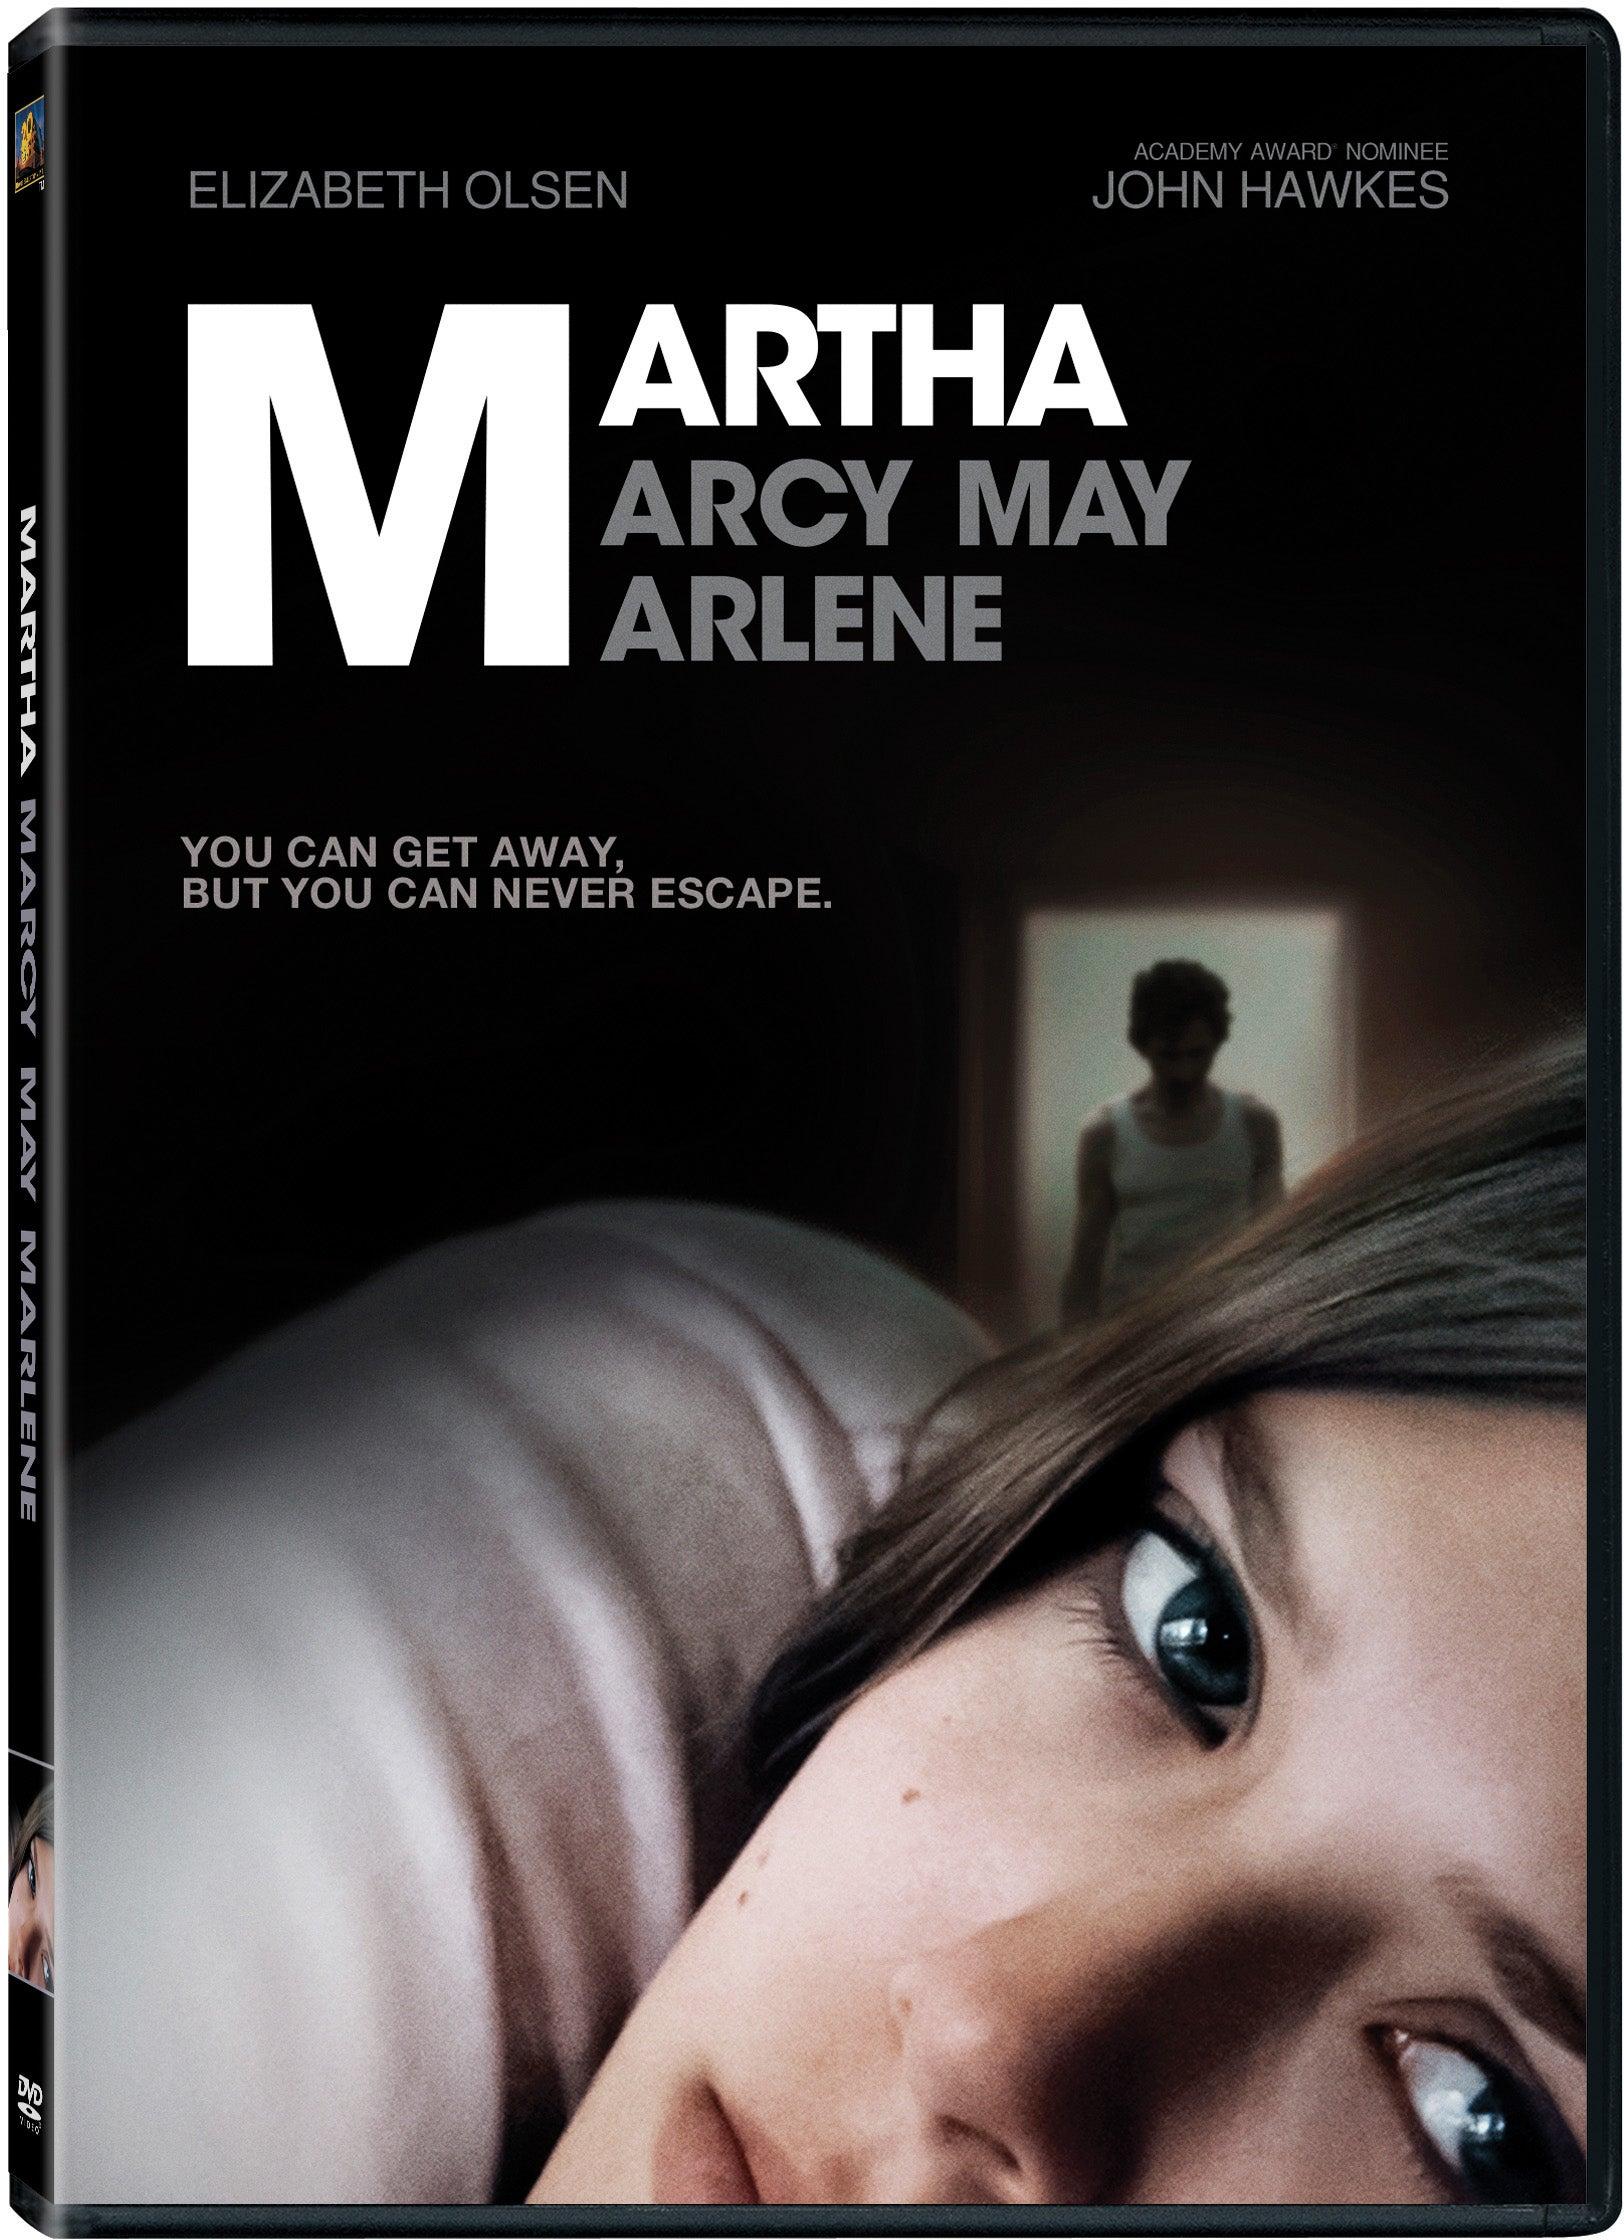 Martha Marcy May Marlene (DVD)